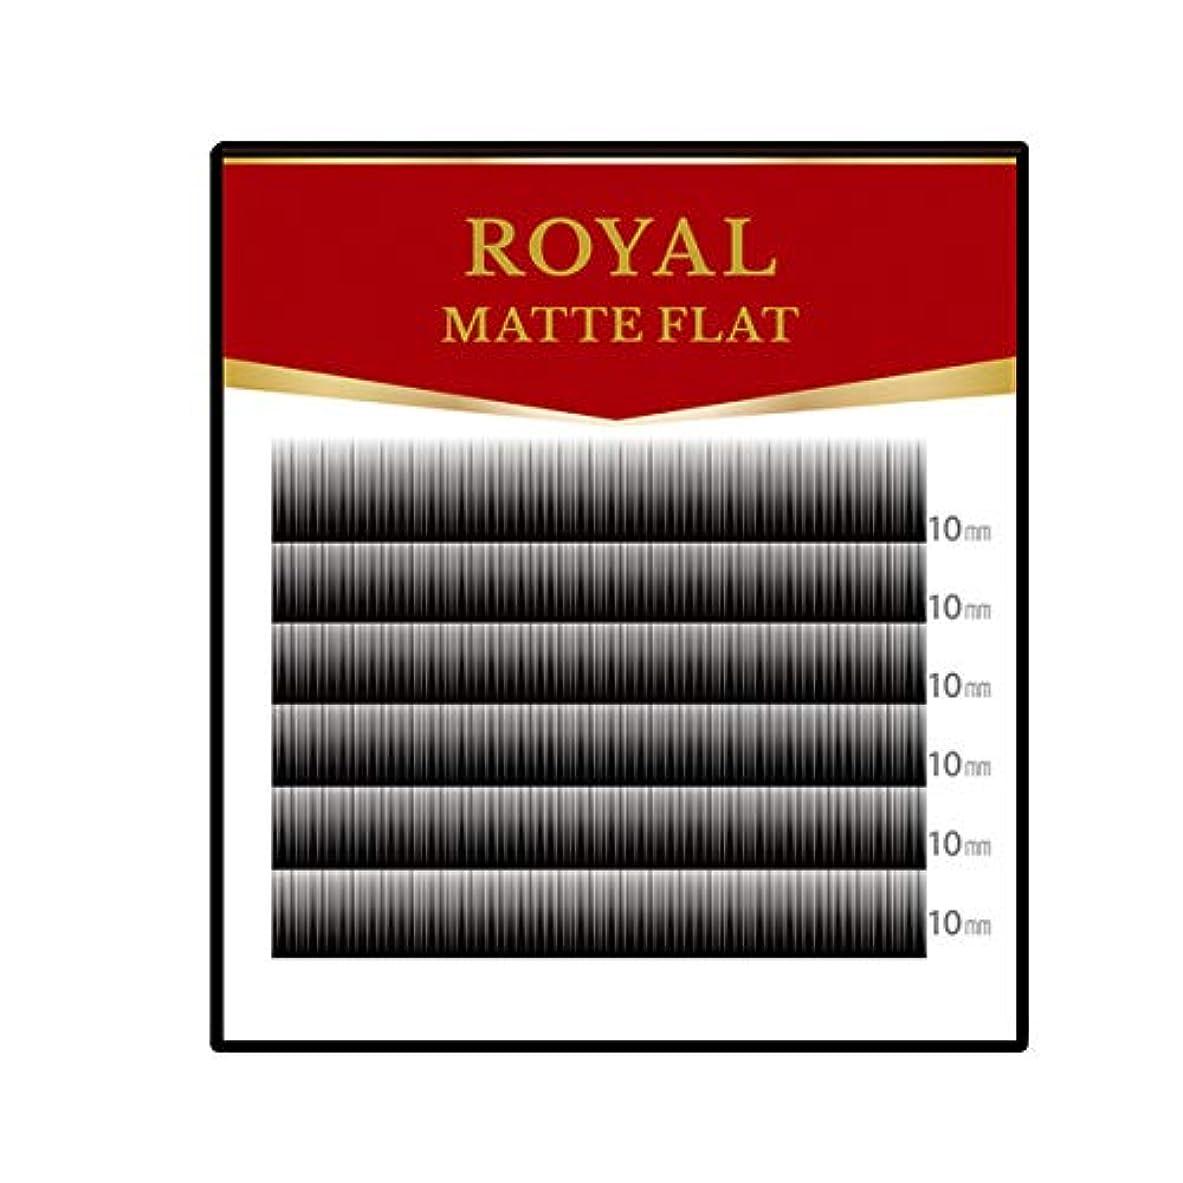 シニス立方体比較的まつげエクステ マツエク ロイヤル マットフラット(2又)(6列) (Dカール 0.15mm 13mm)